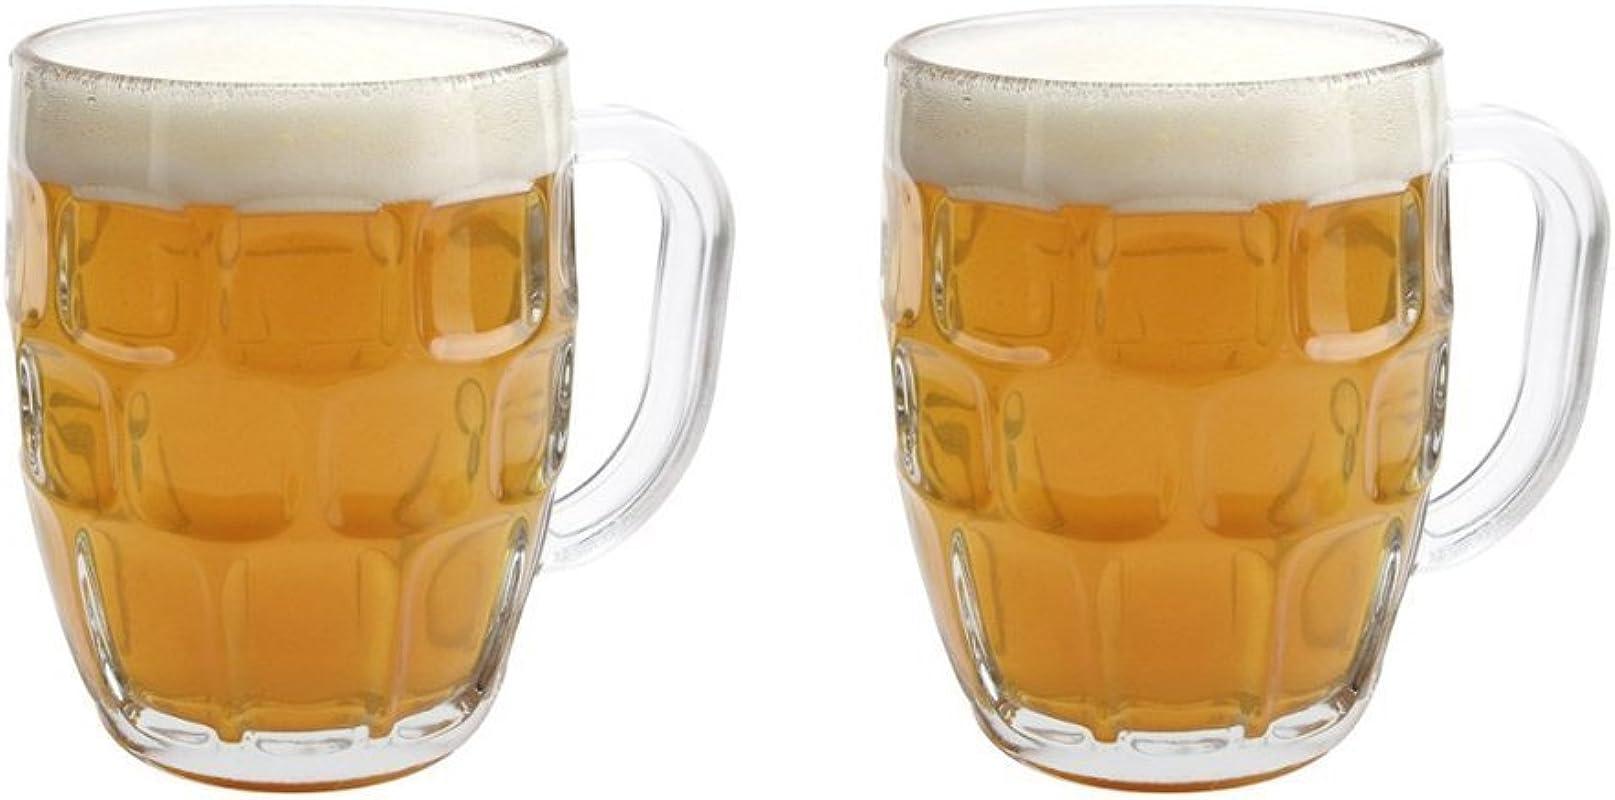 Libbey Dimple Stein Beer Mug 19 25 Oz 2 Pack W Pourer